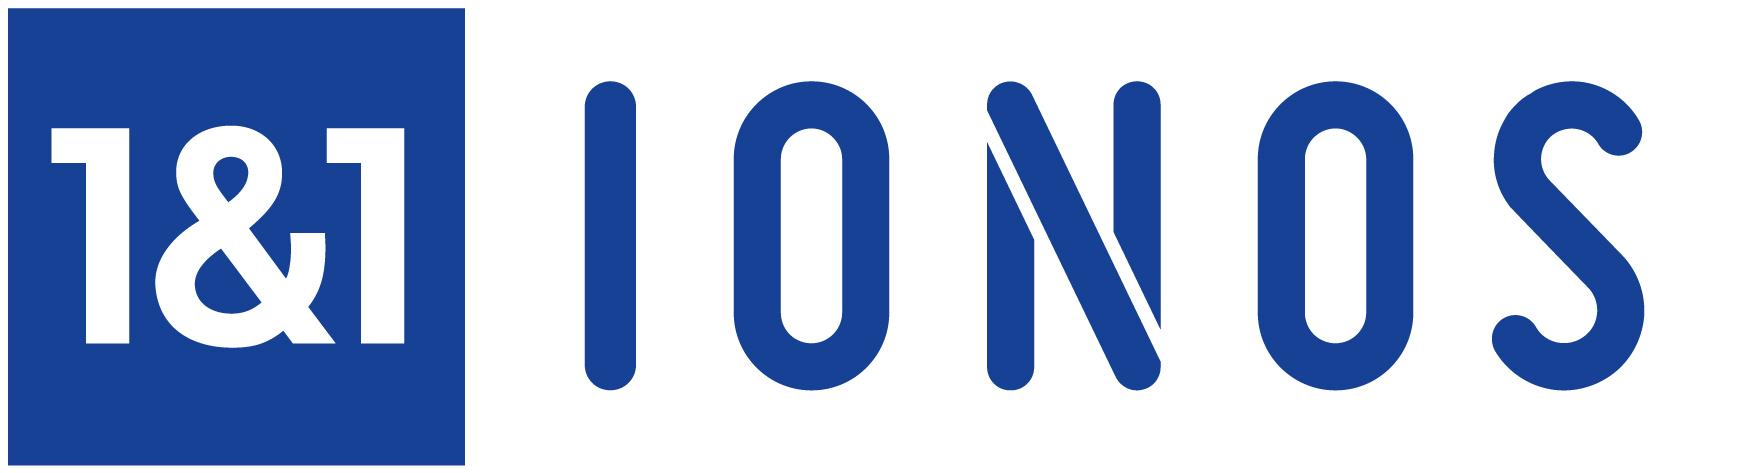 Abbildung des 1und1 Logos